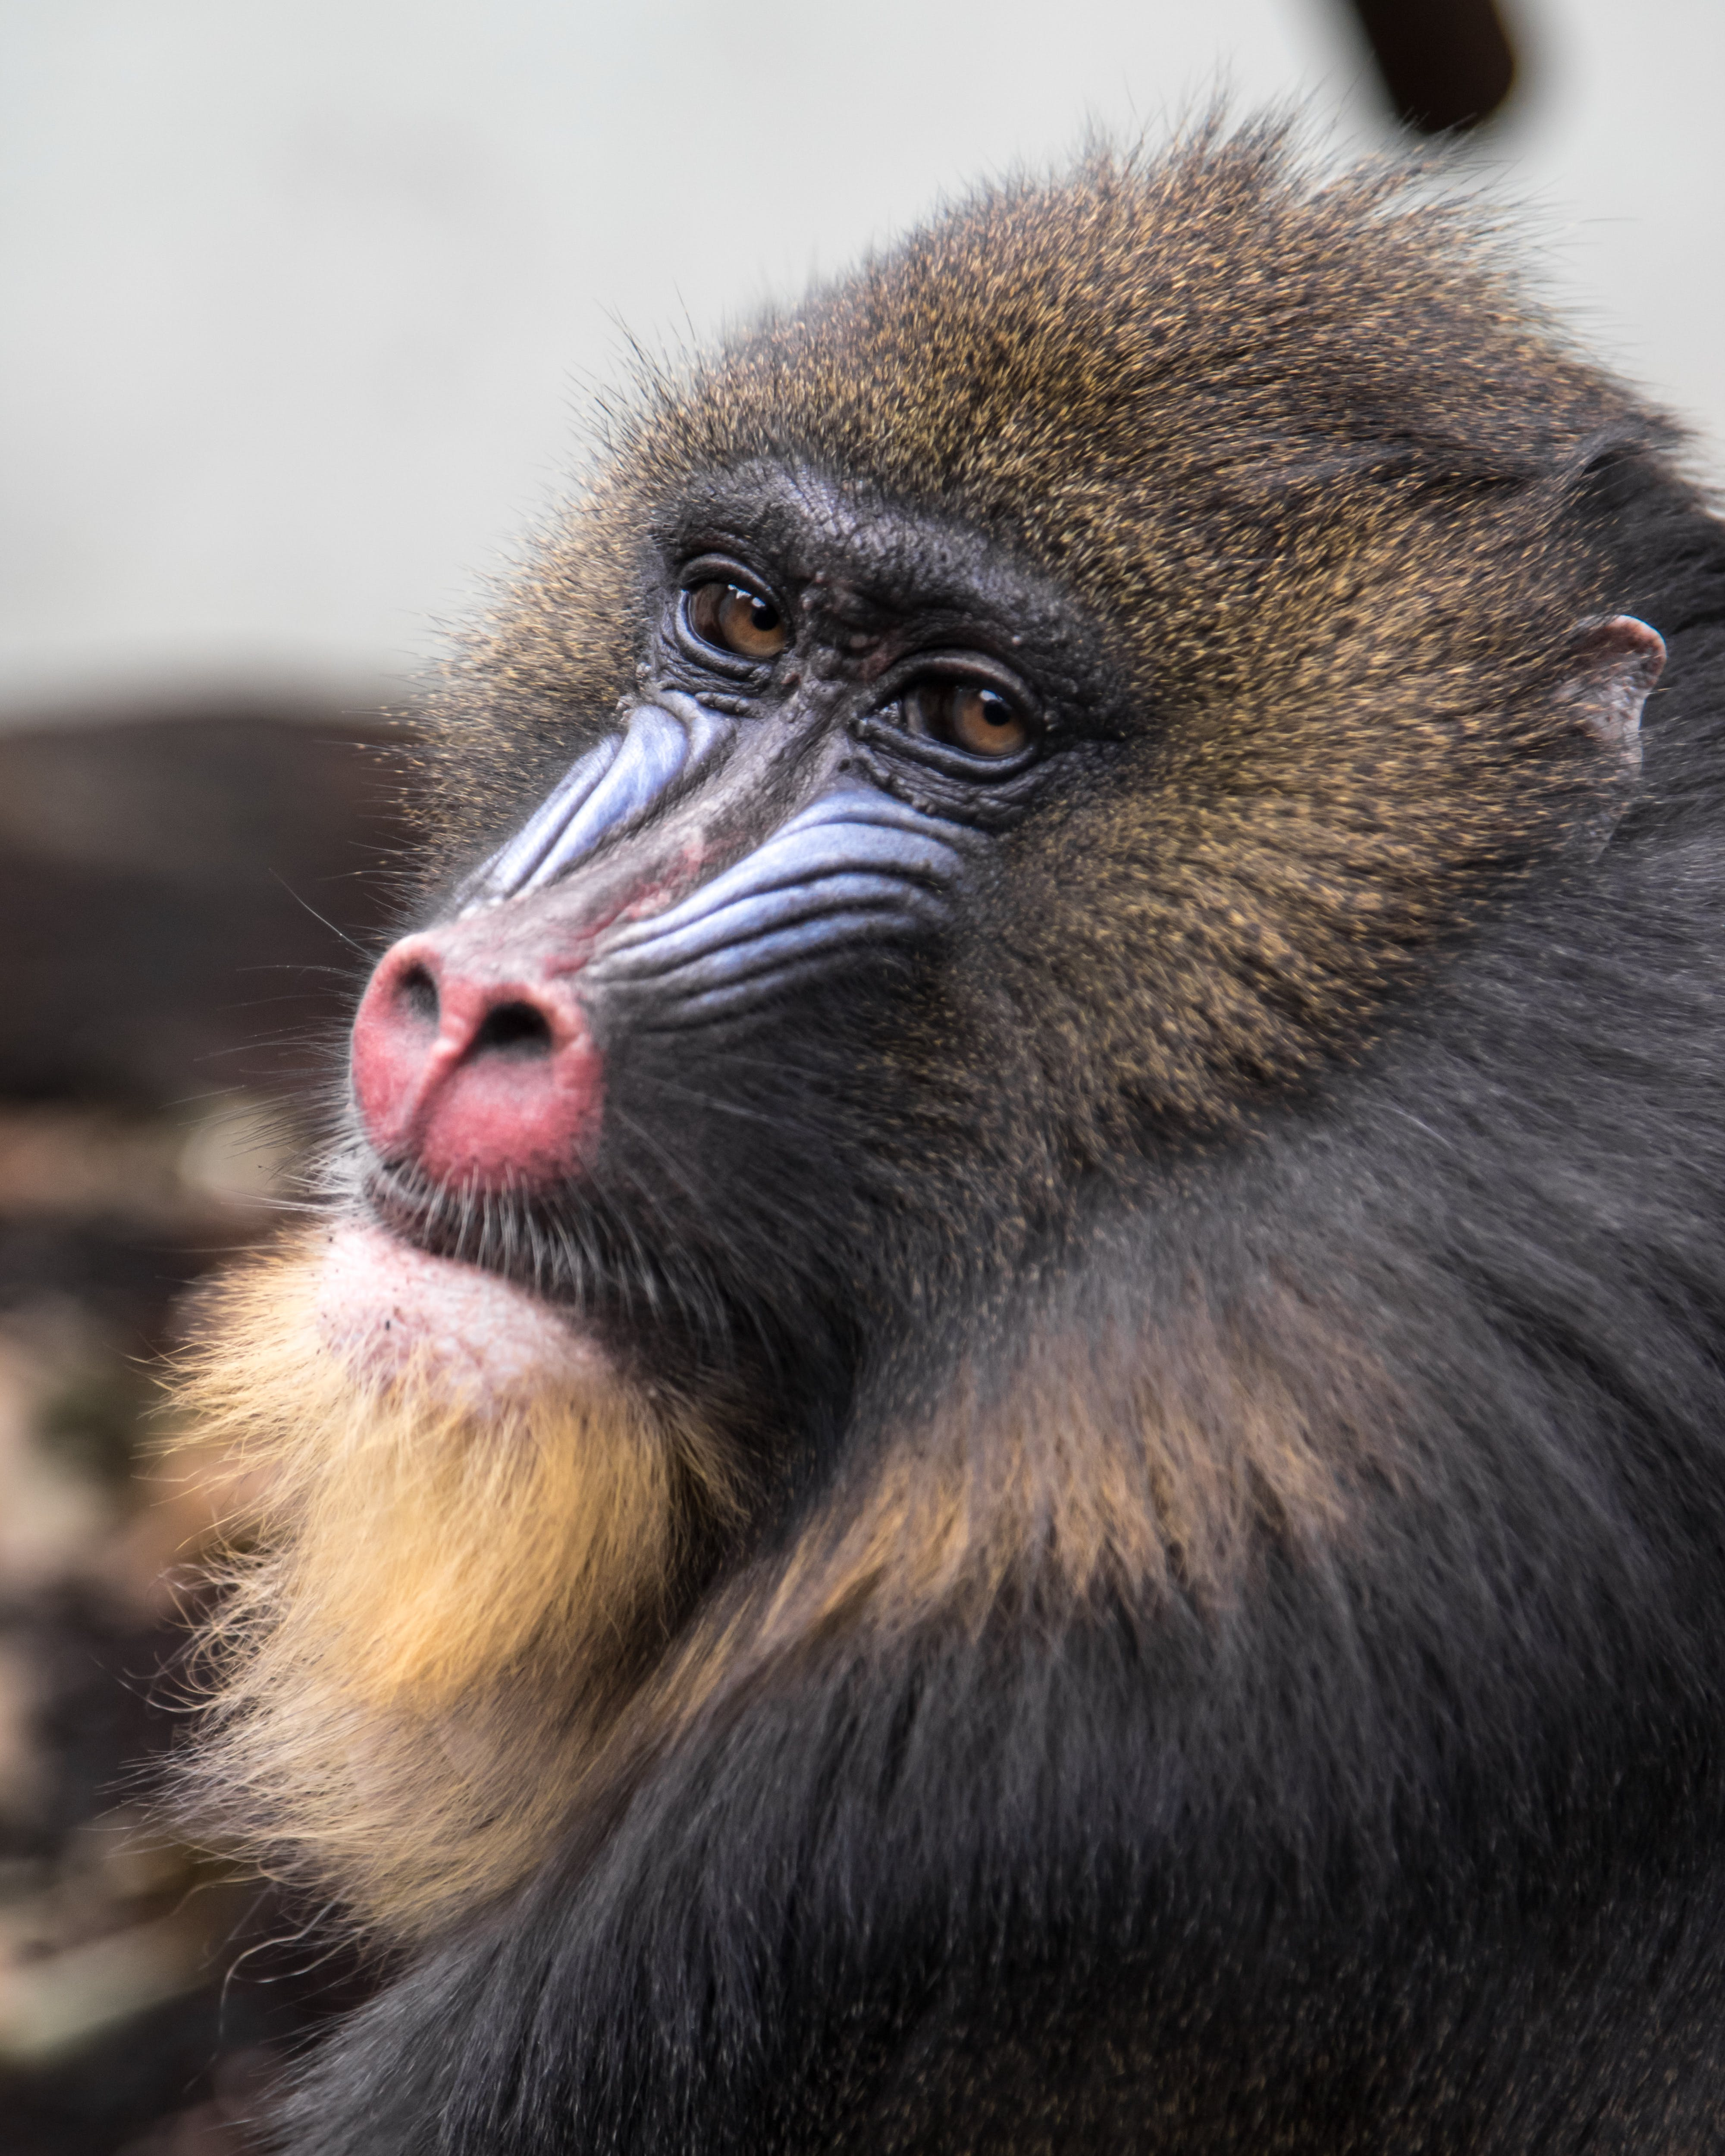 개코원숭이, 귀여운, 동물, 동물 사진의 무료 스톡 사진